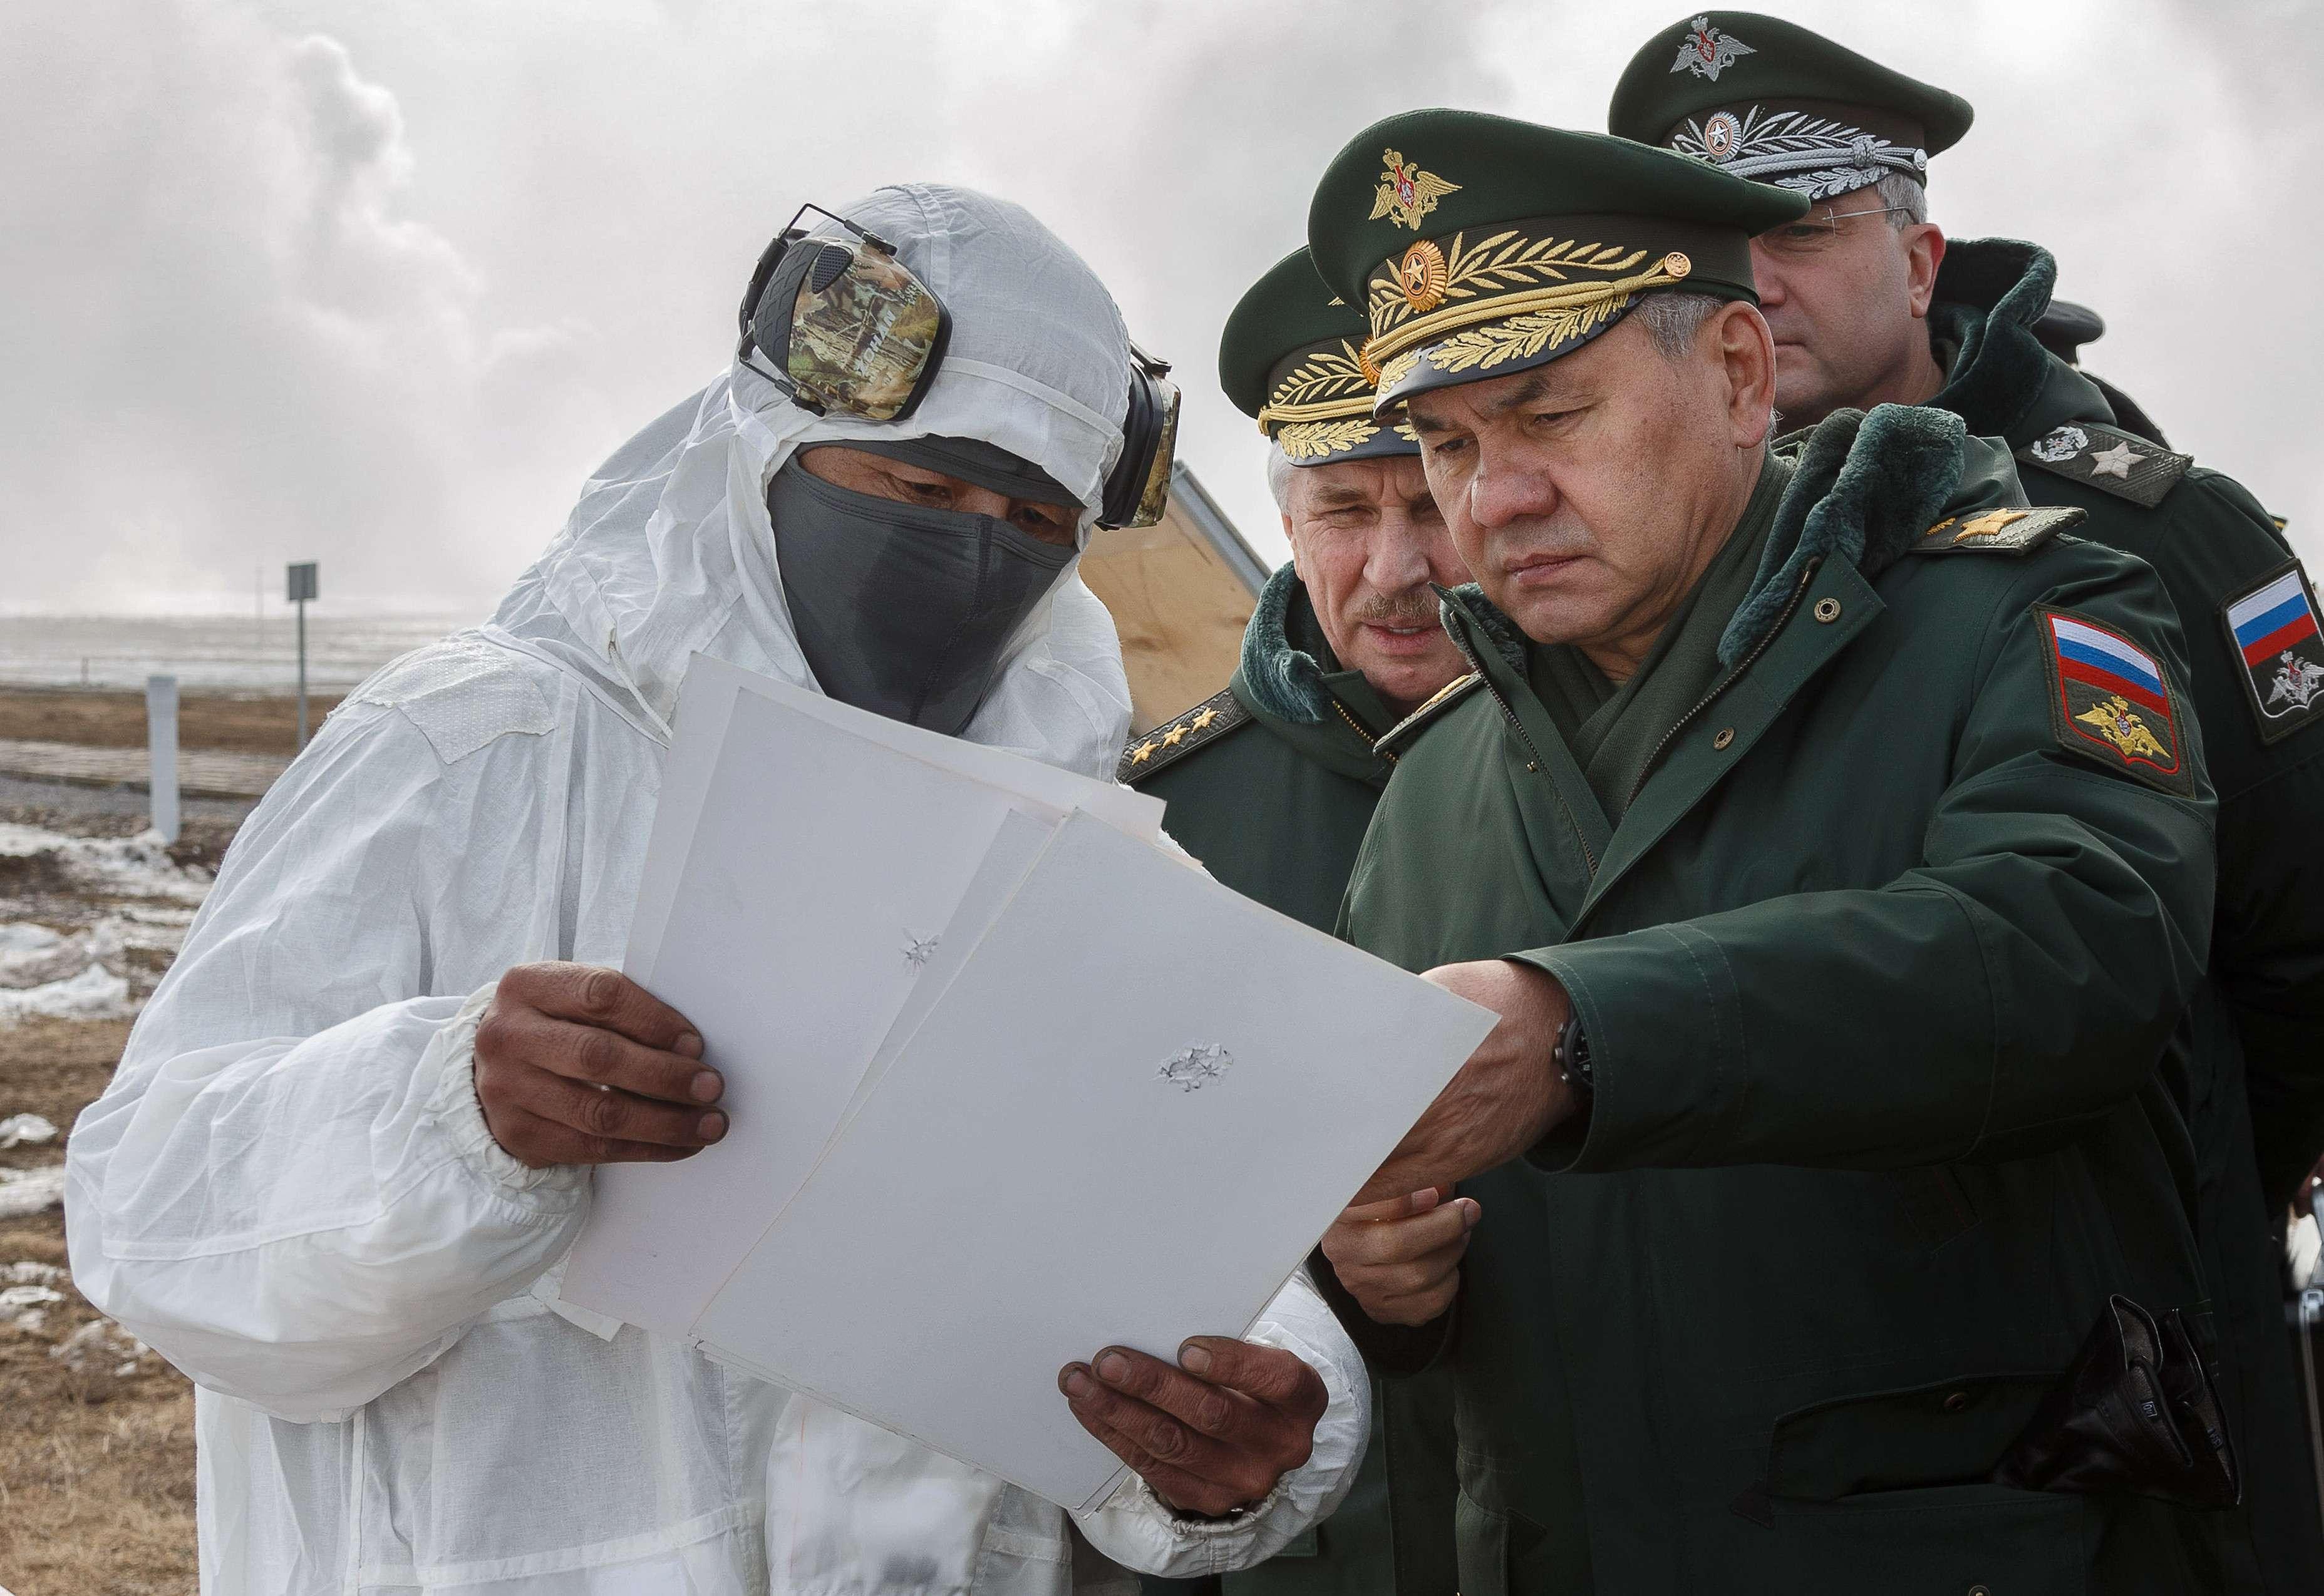 Первый зампред комитета Совета Федерации по международным делам Владимир Джабаров в беседе с RT.